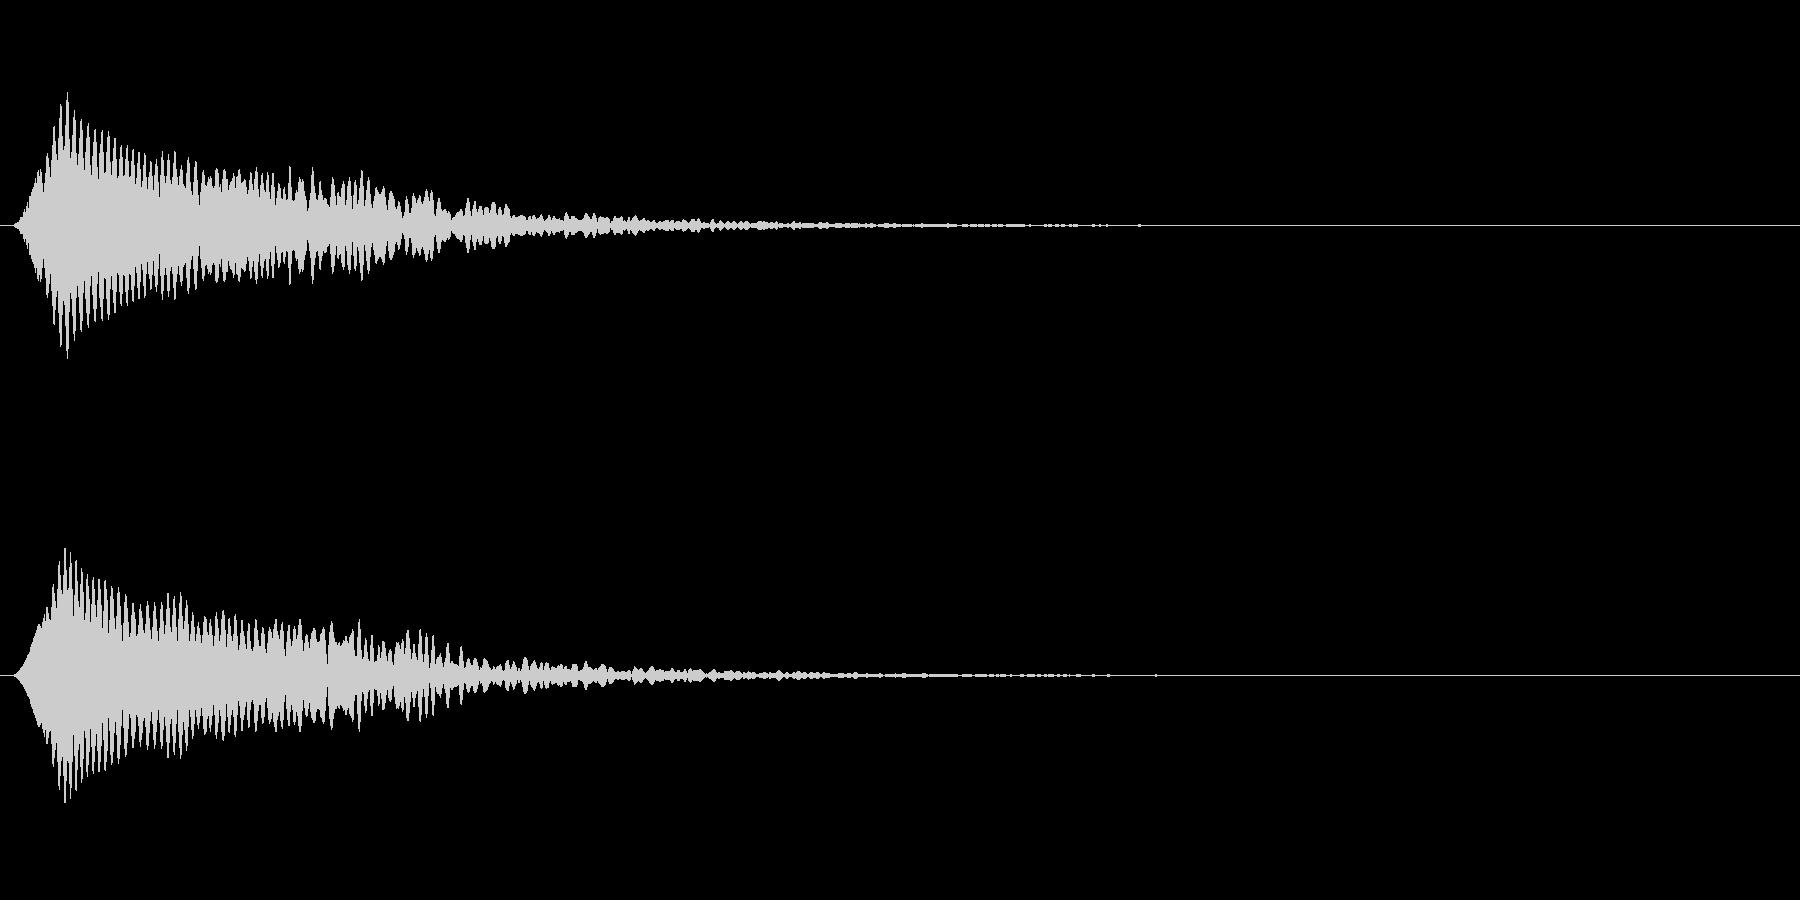 光る音 ピキーンの未再生の波形